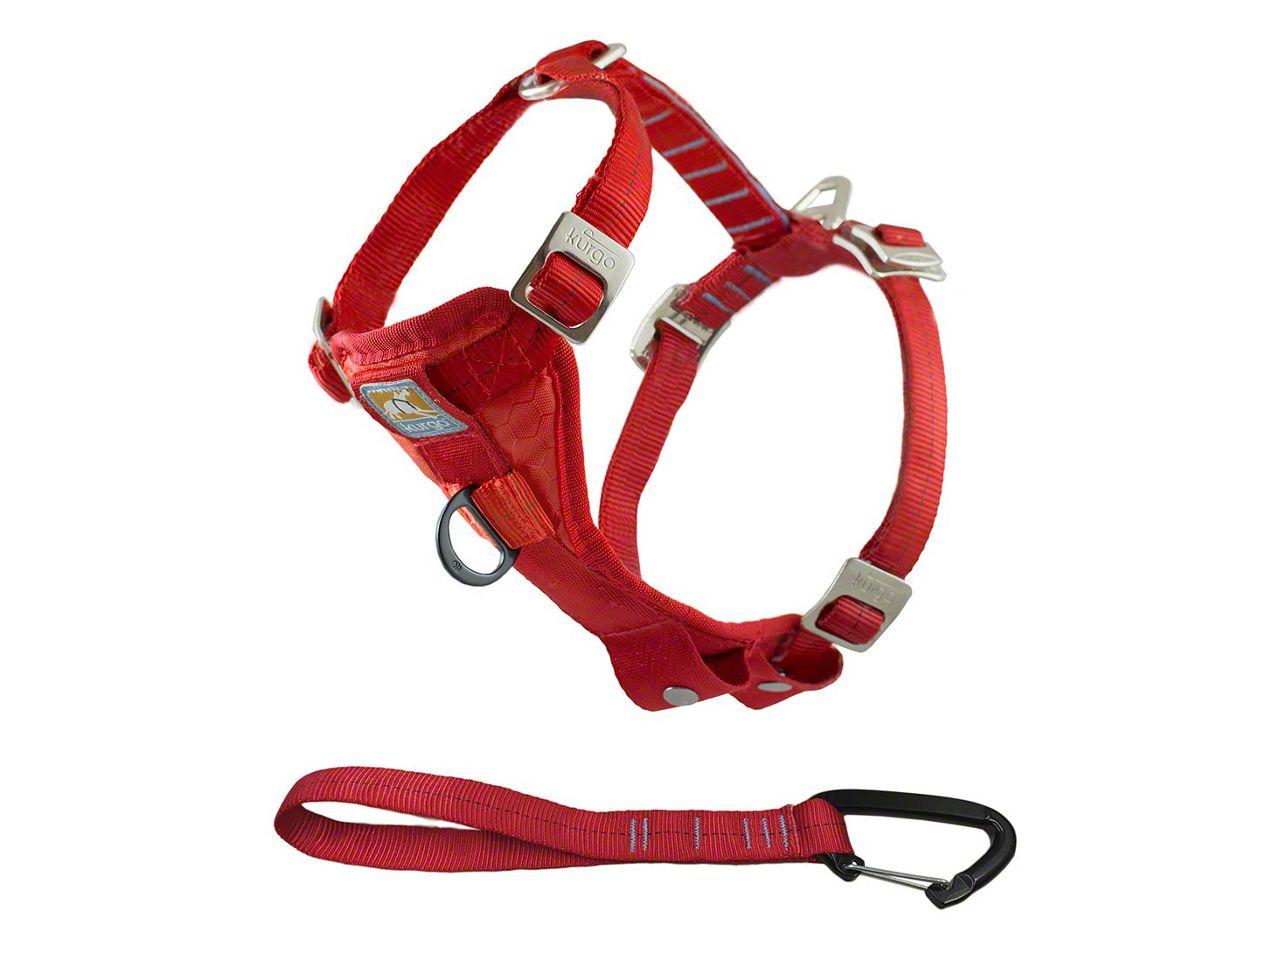 Kurgo Enhanced Strength TruFit Dog Car Harness - Red (97-19 F-150)